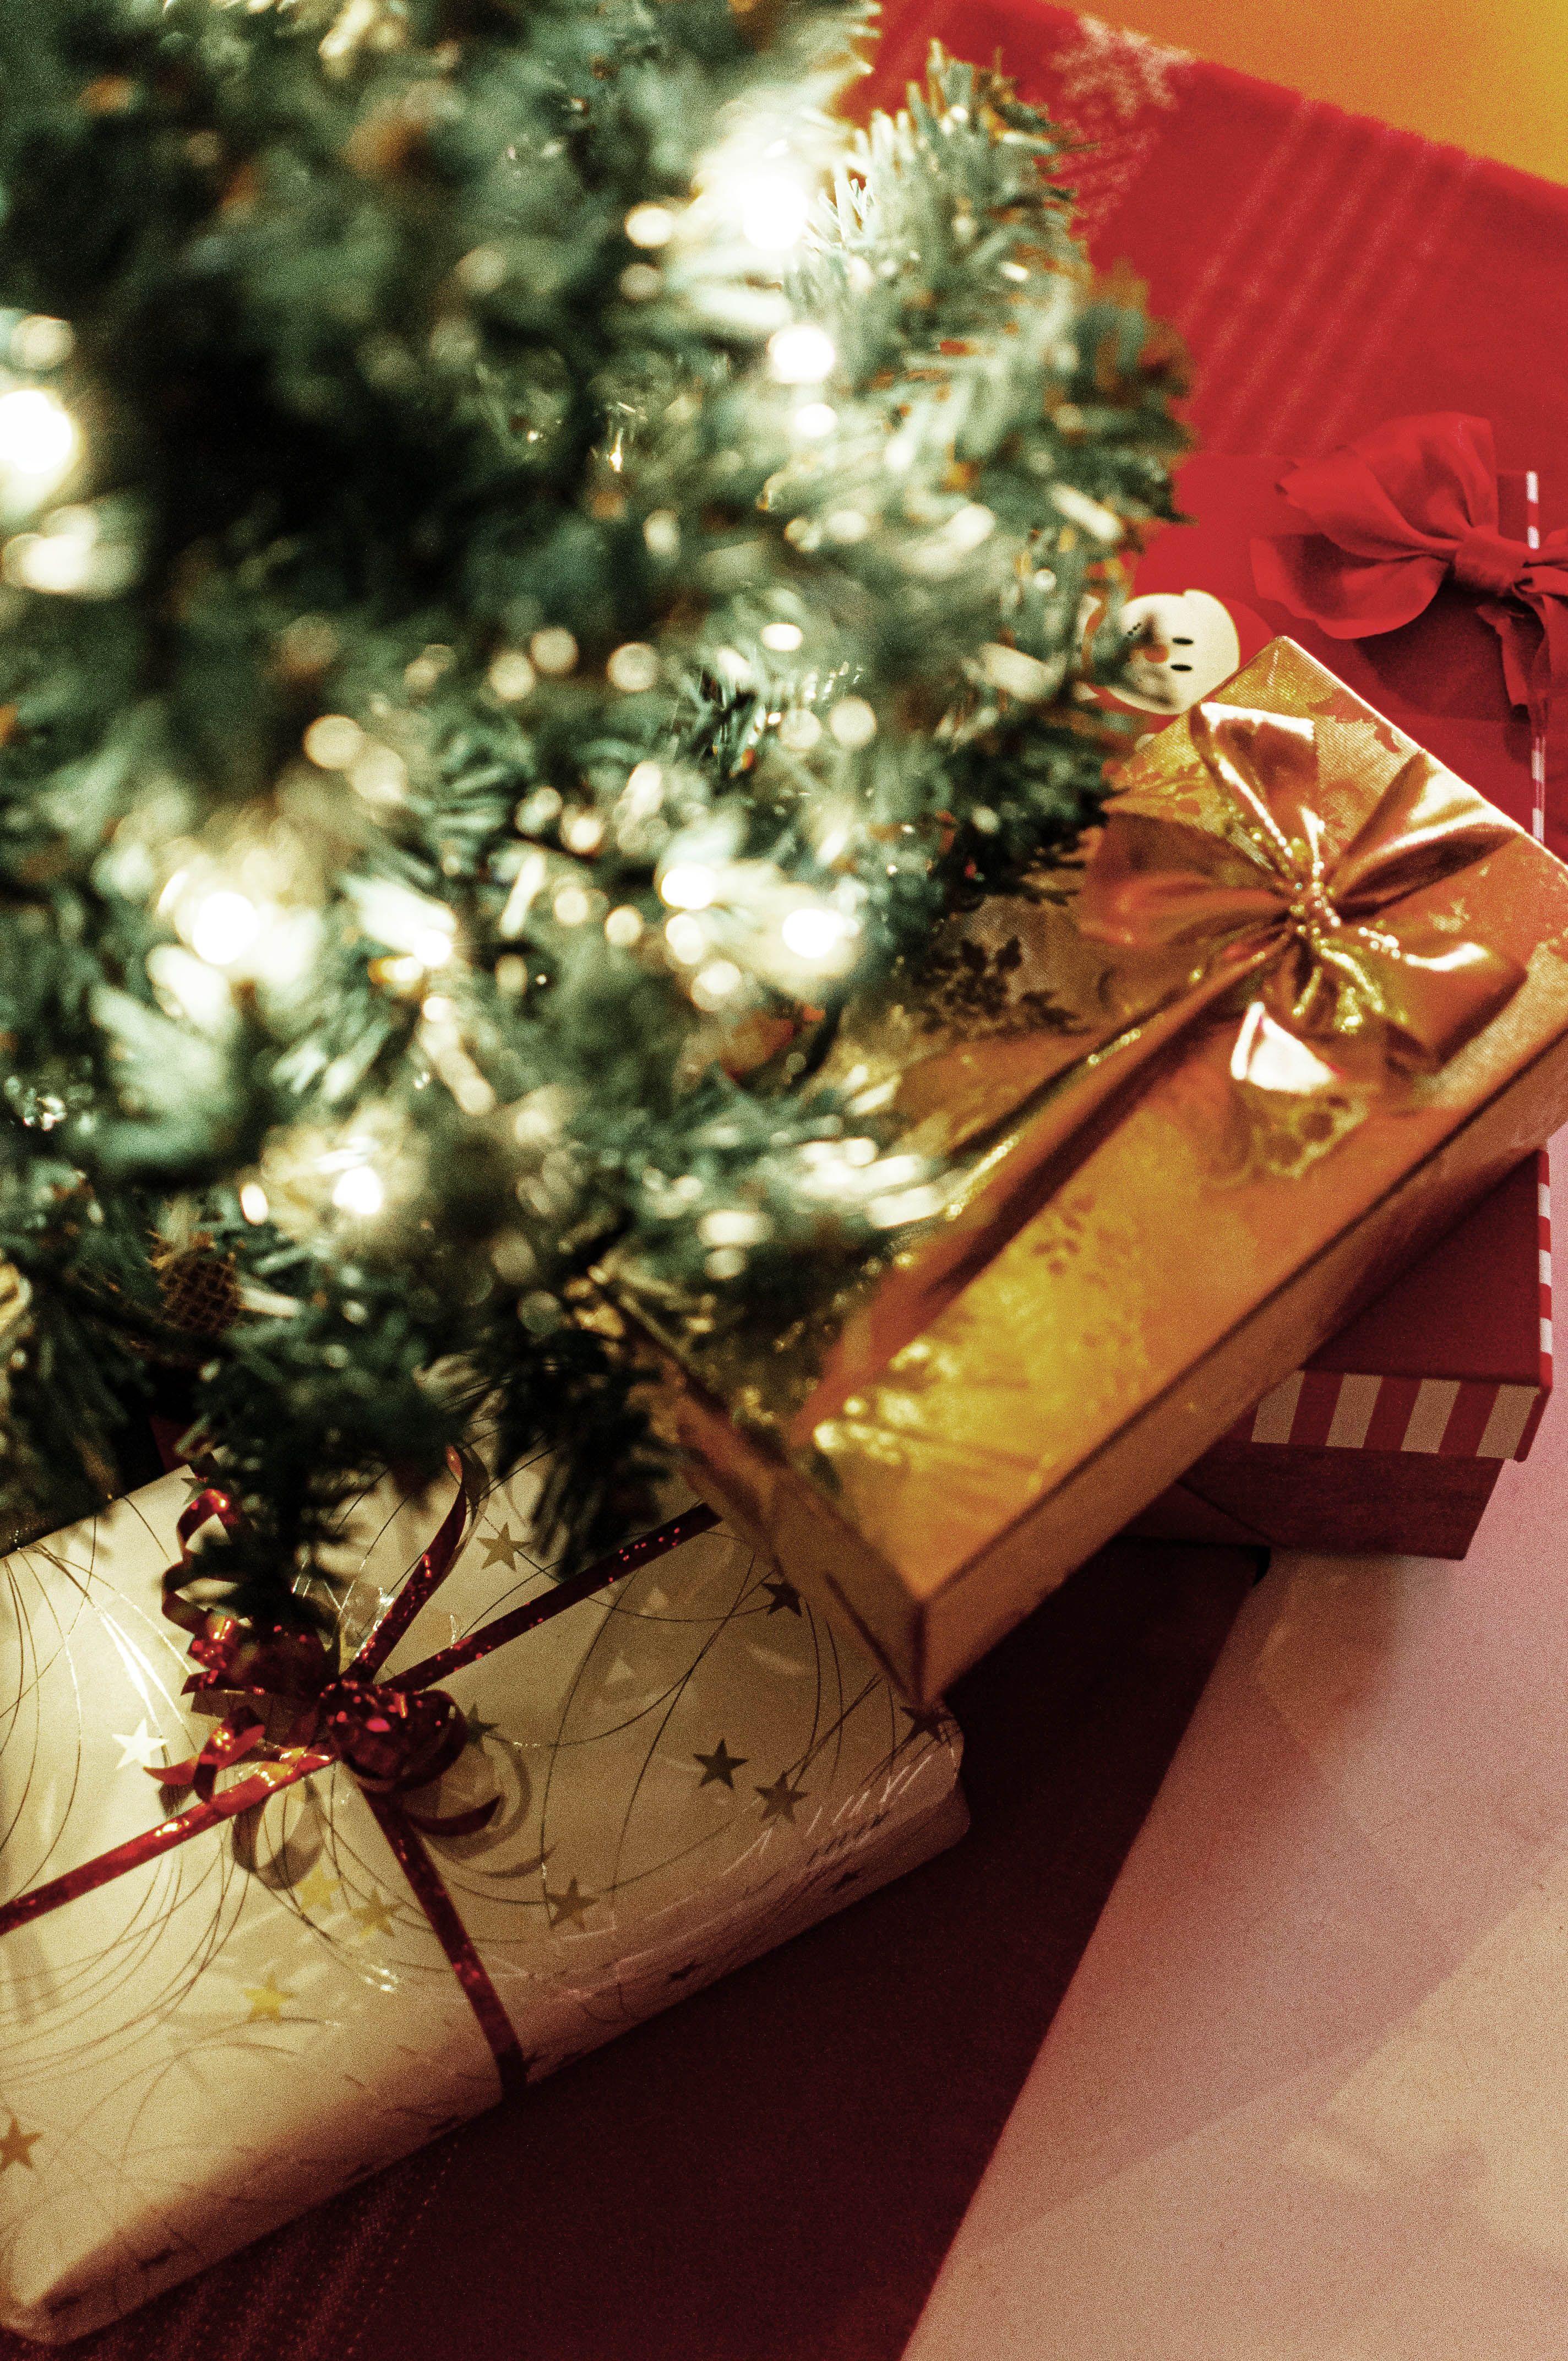 I 5 regali di Natale più originali da fare a un uomo